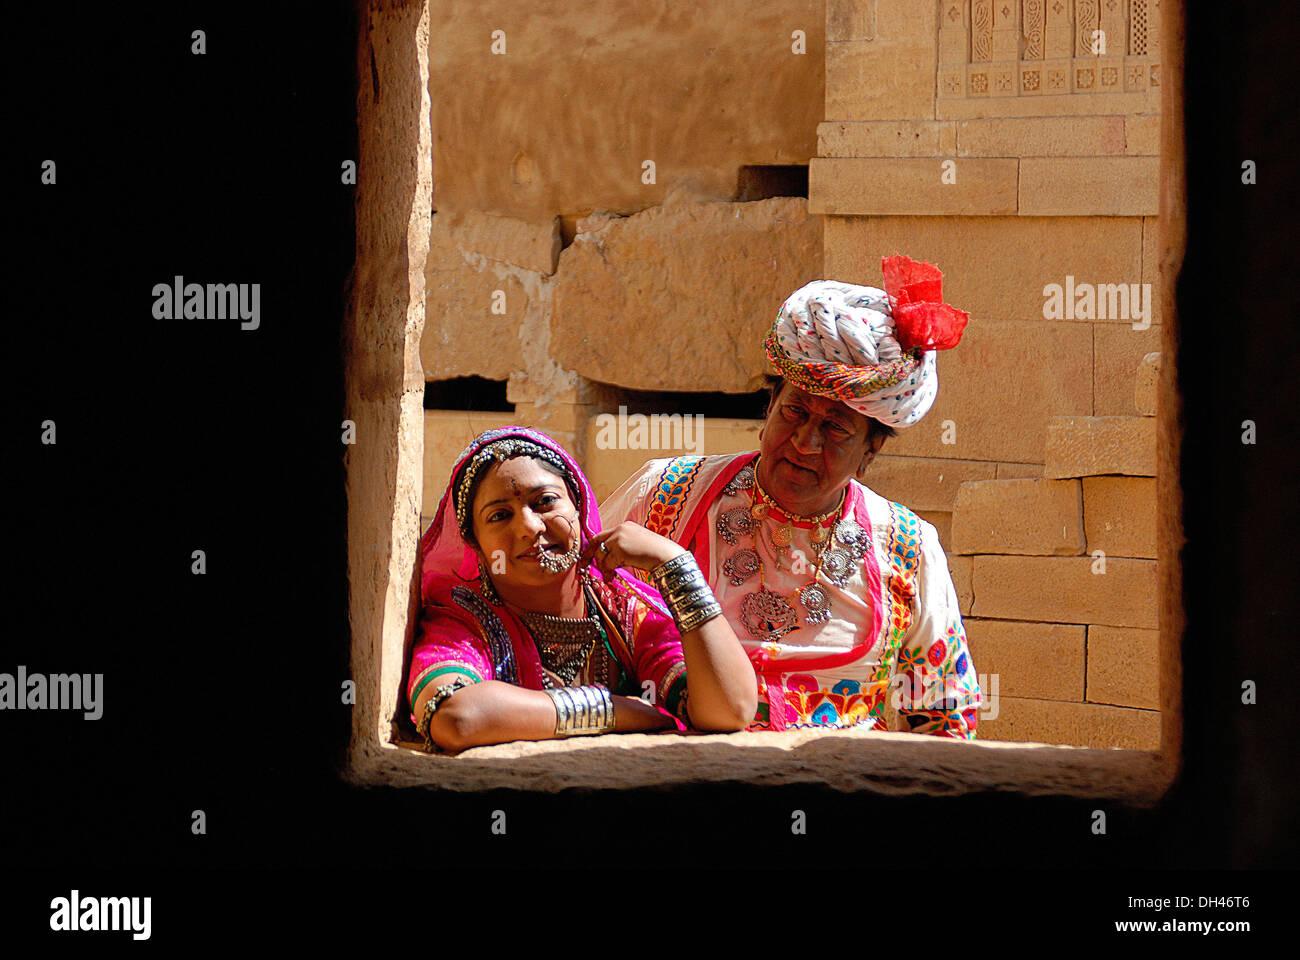 El hombre y la mujer india en traje tradicional Jaisalmer Rajasthan India Asia MR#784B&784C Imagen De Stock